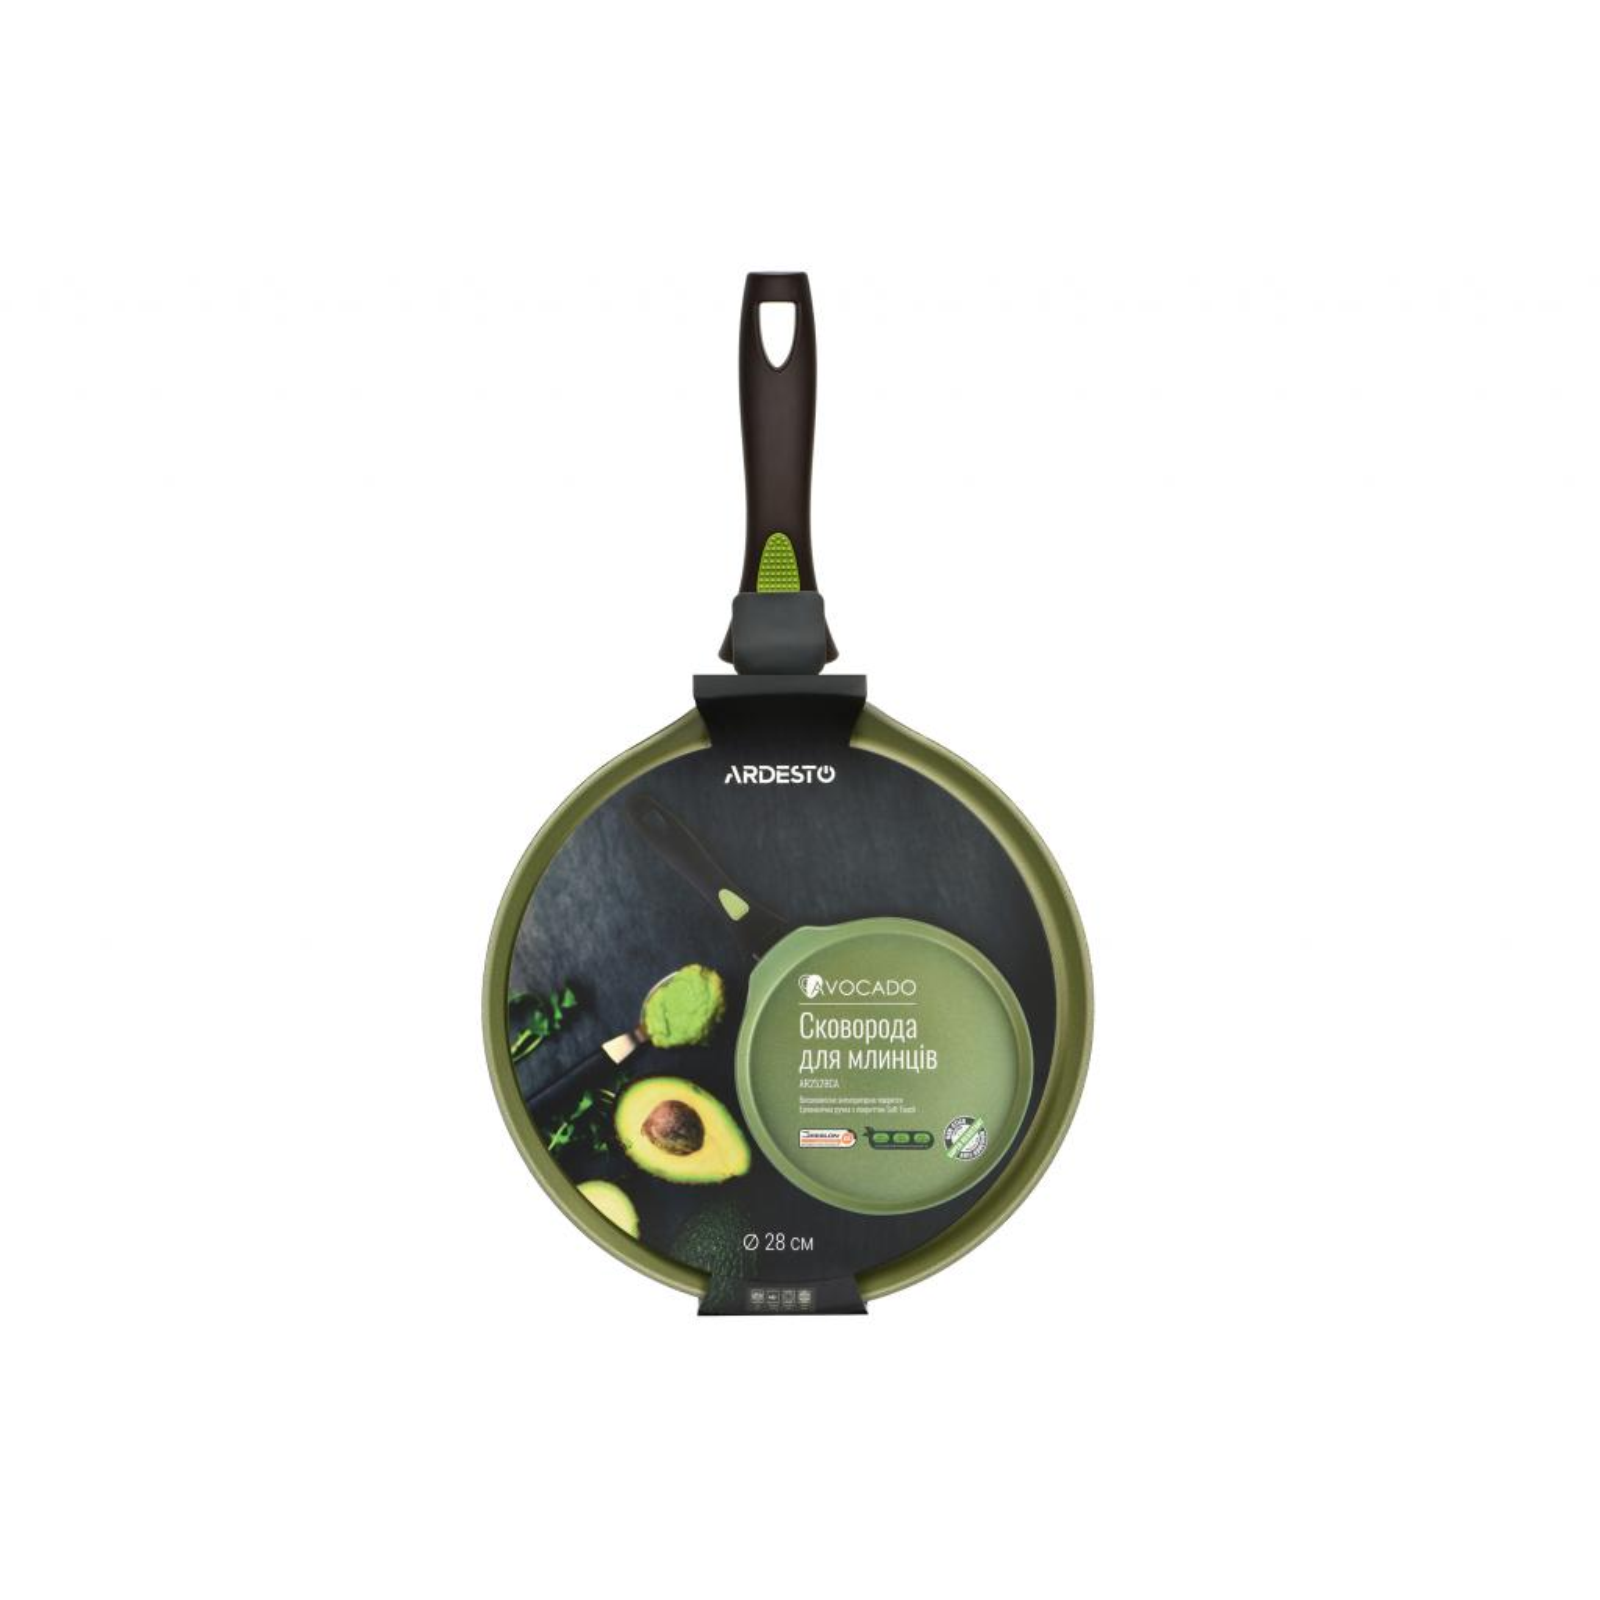 Сковорода Ardesto Avocado для блинов 28 см (AR2528CA) изображение 4